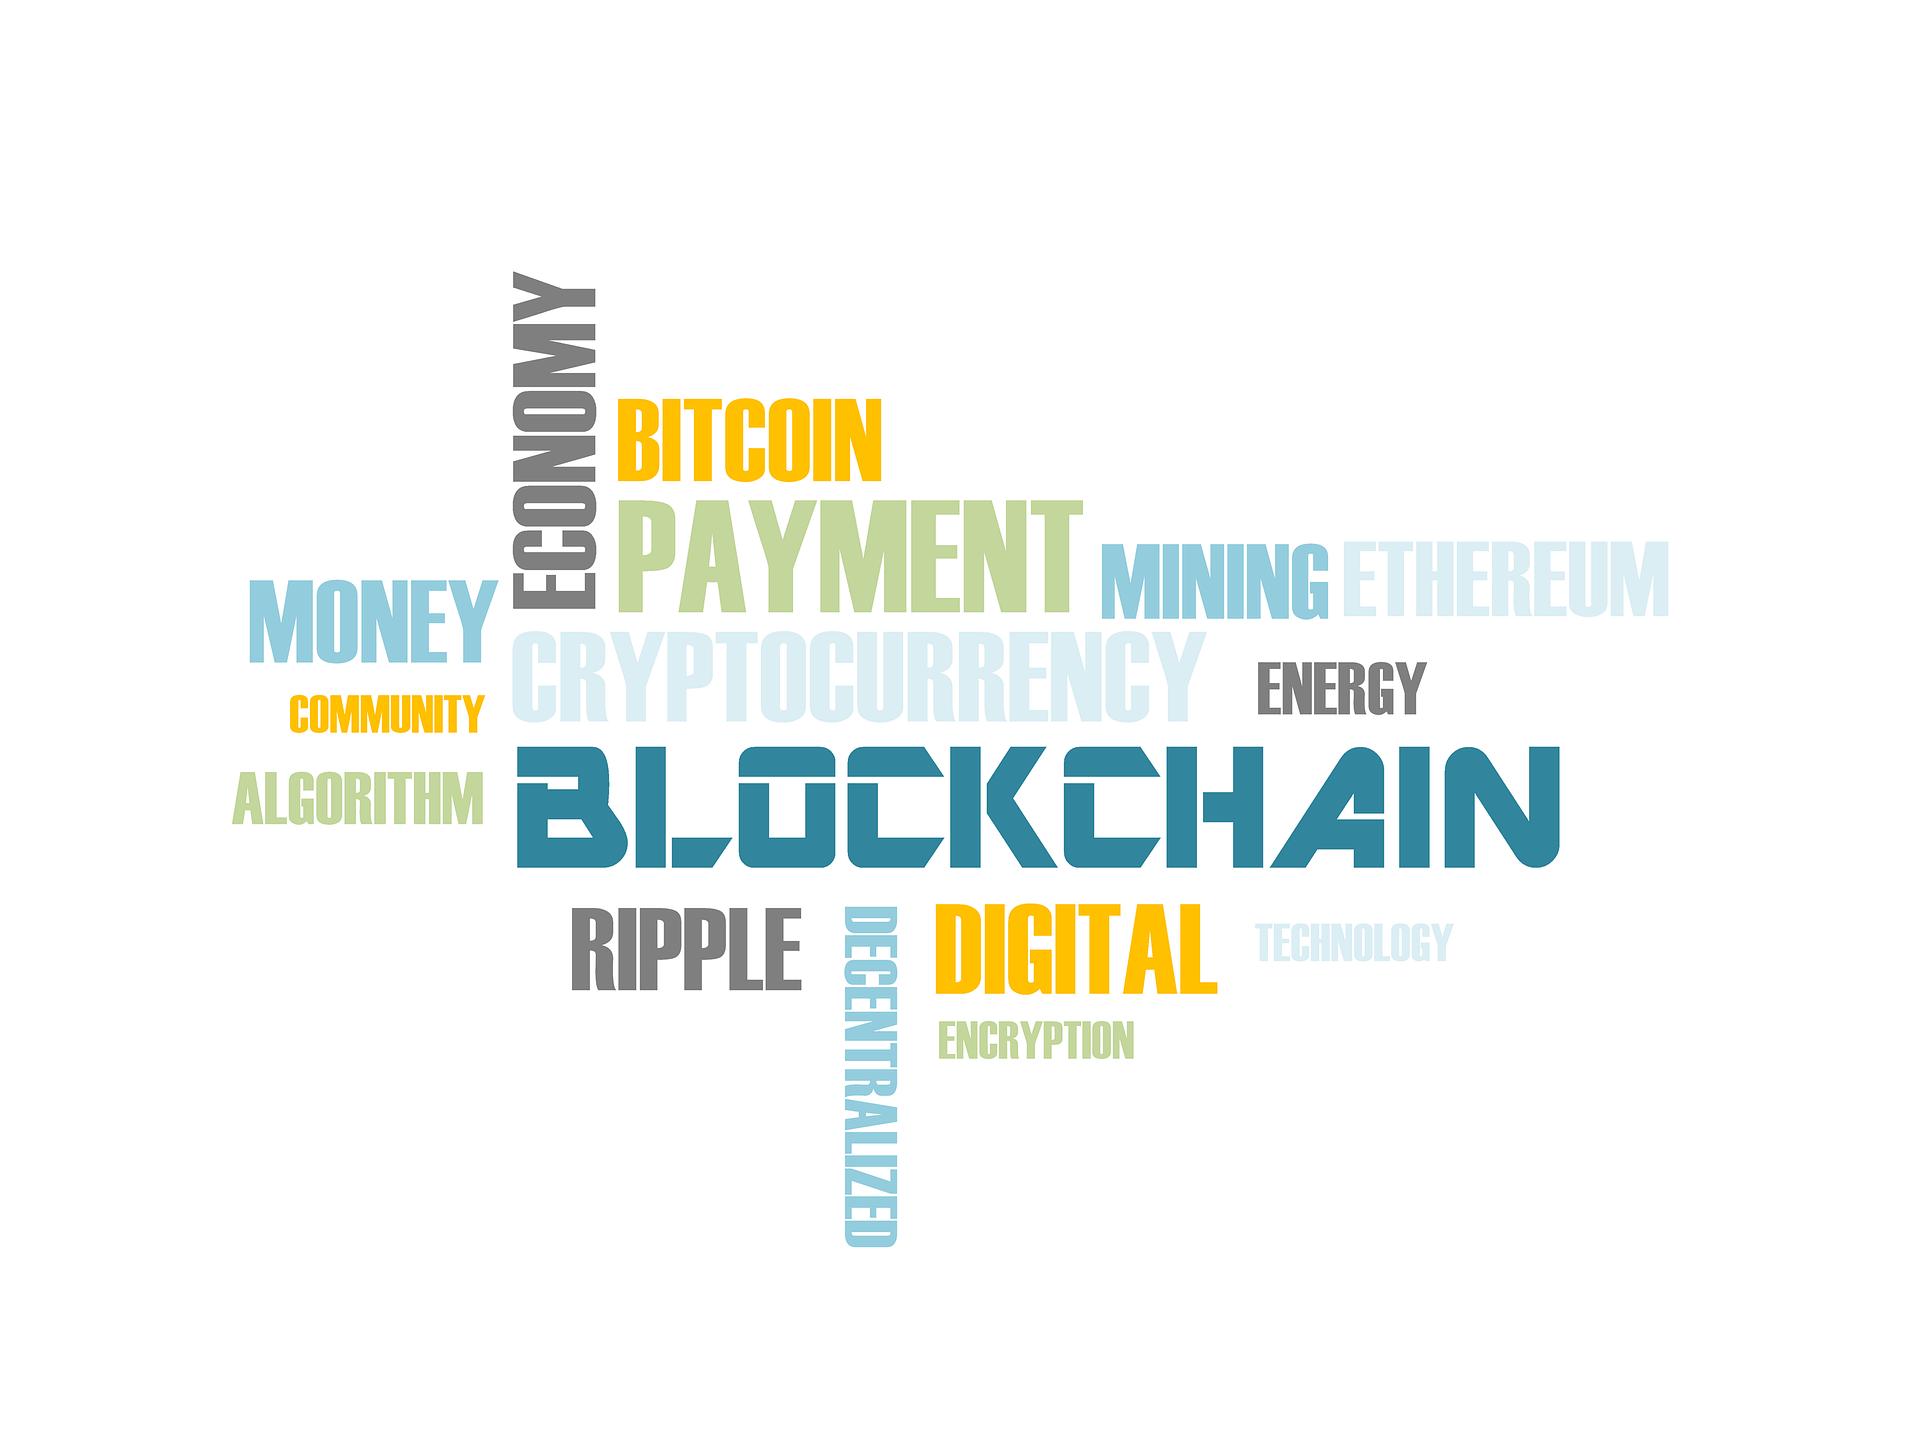 Préstamos, smartcontracts y blockchain